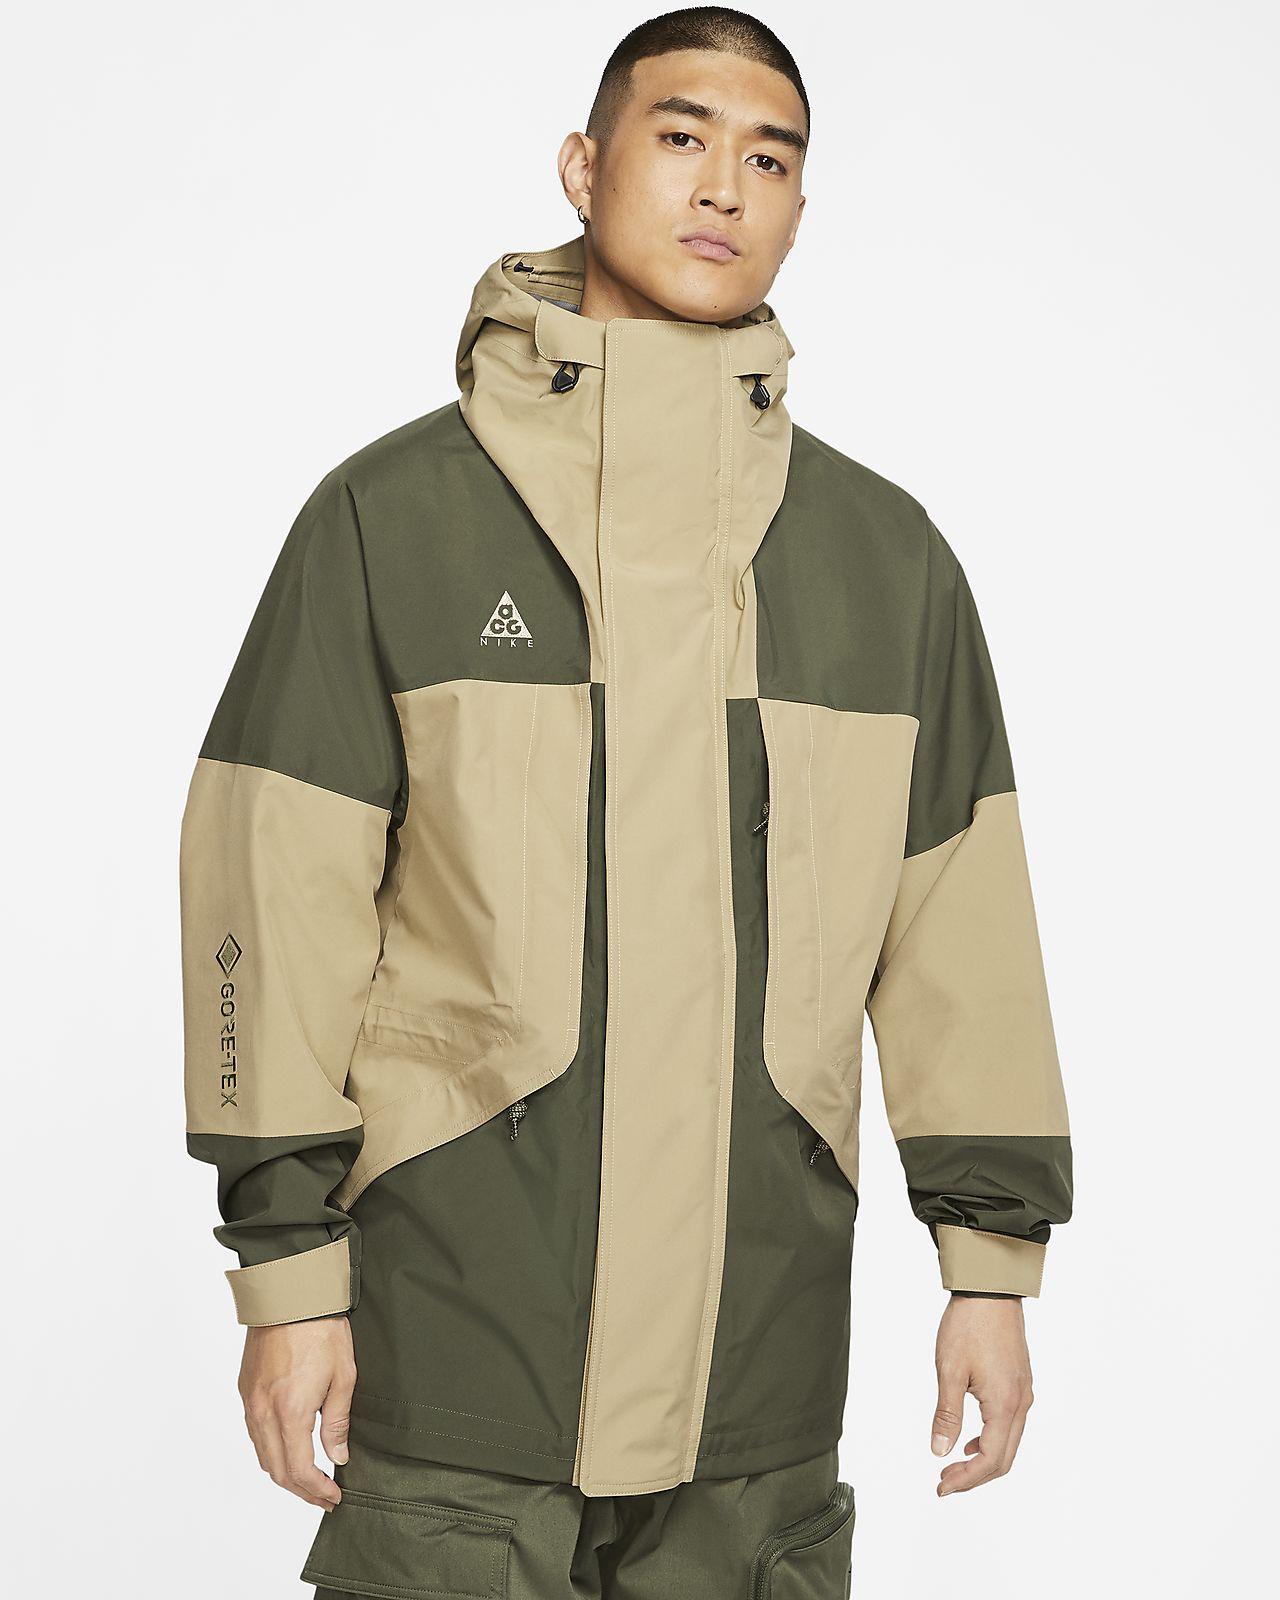 เสื้อแจ็คเก็ตผู้ชาย Nike ACG GORE-TEX